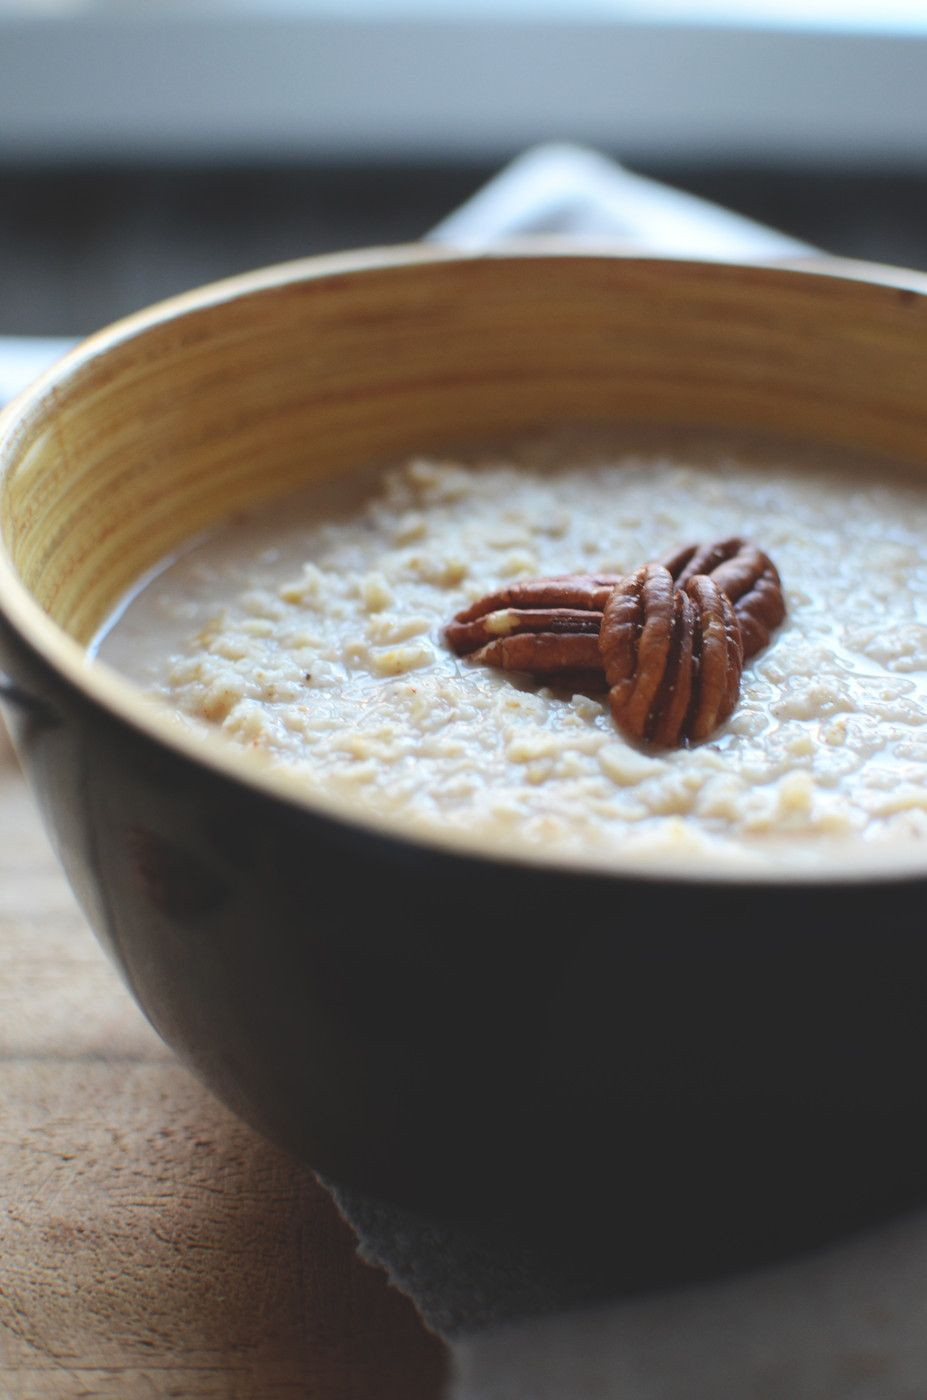 Simple toasted oatmeal.